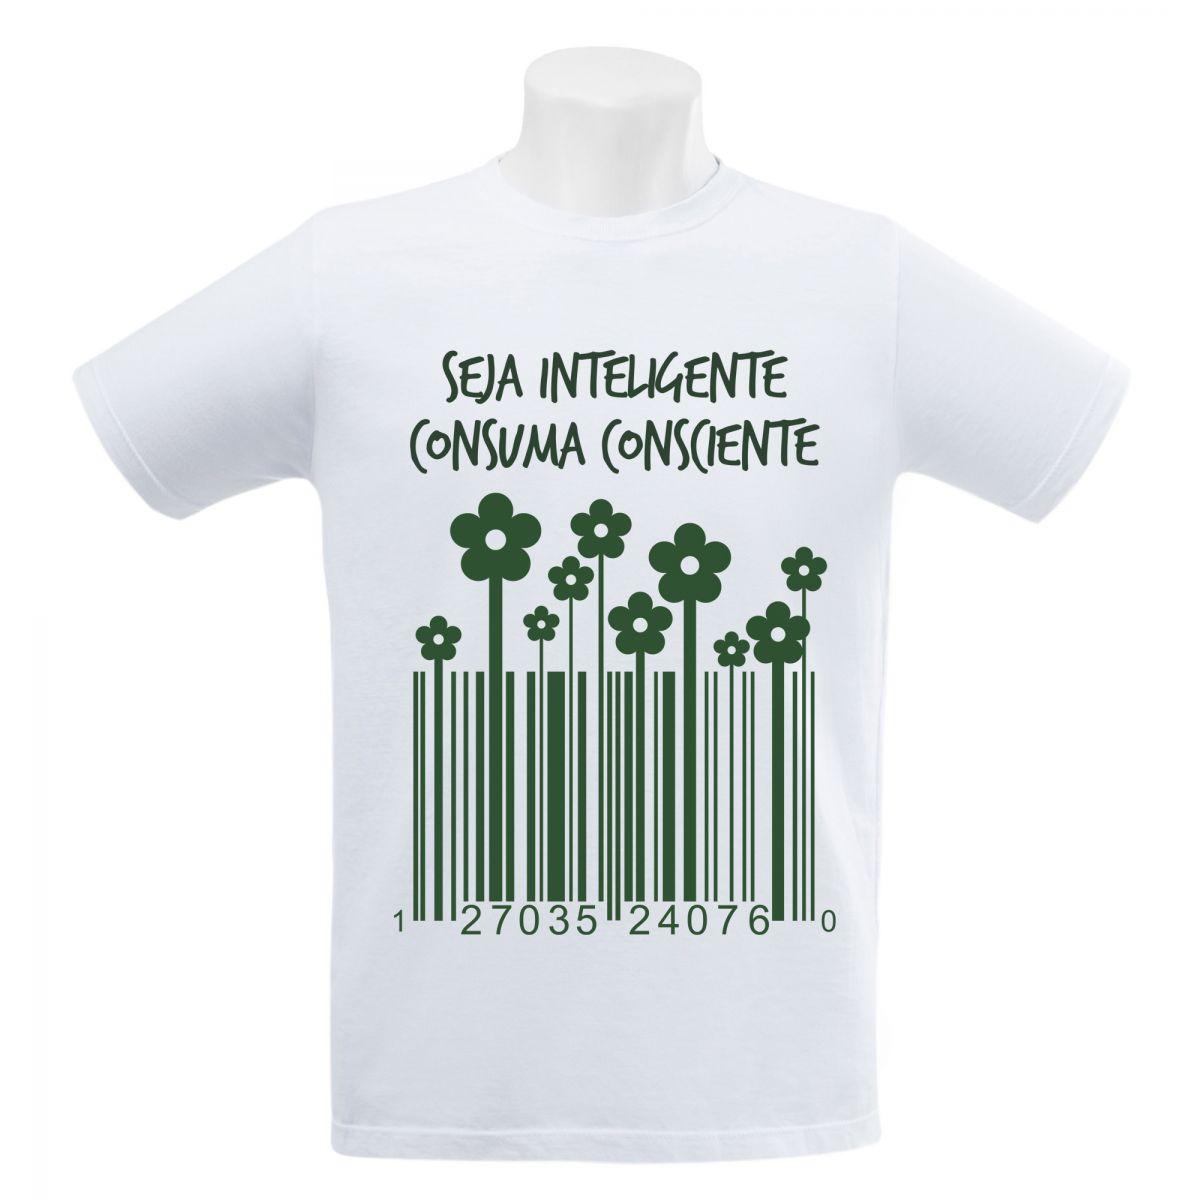 Camiseta Seminate Consuma Consciente